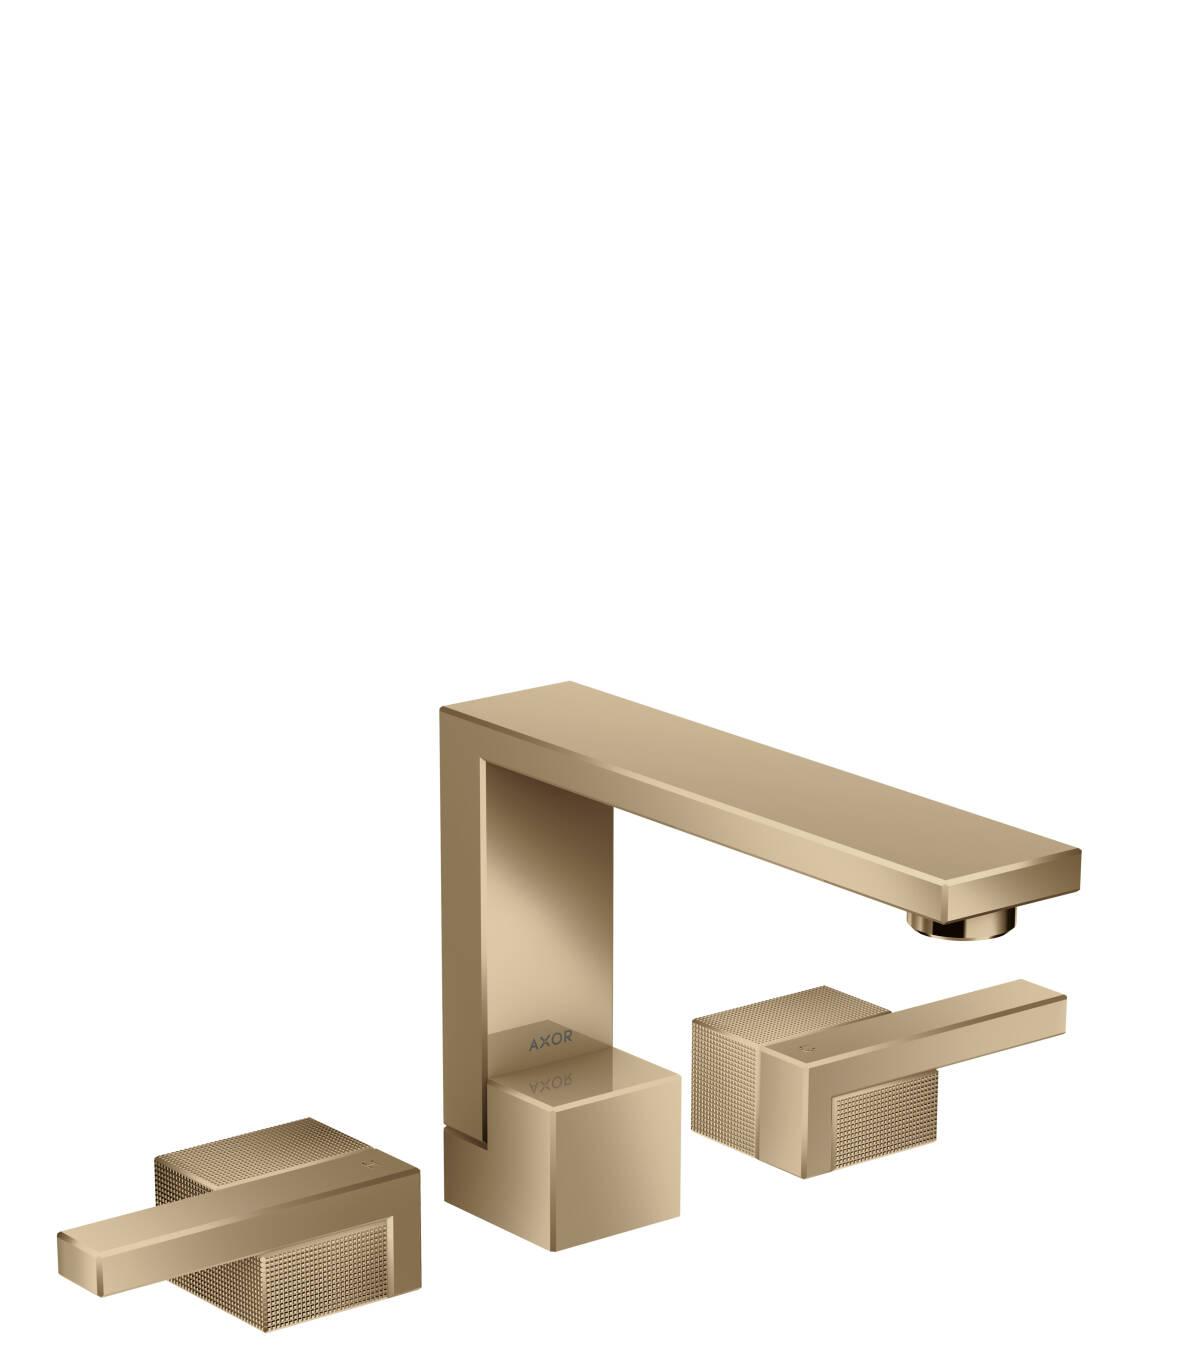 Grifería de lavabo de 3 agujeros 130 con vaciador push-open - corte de diamante, bronce pulido, 46051130